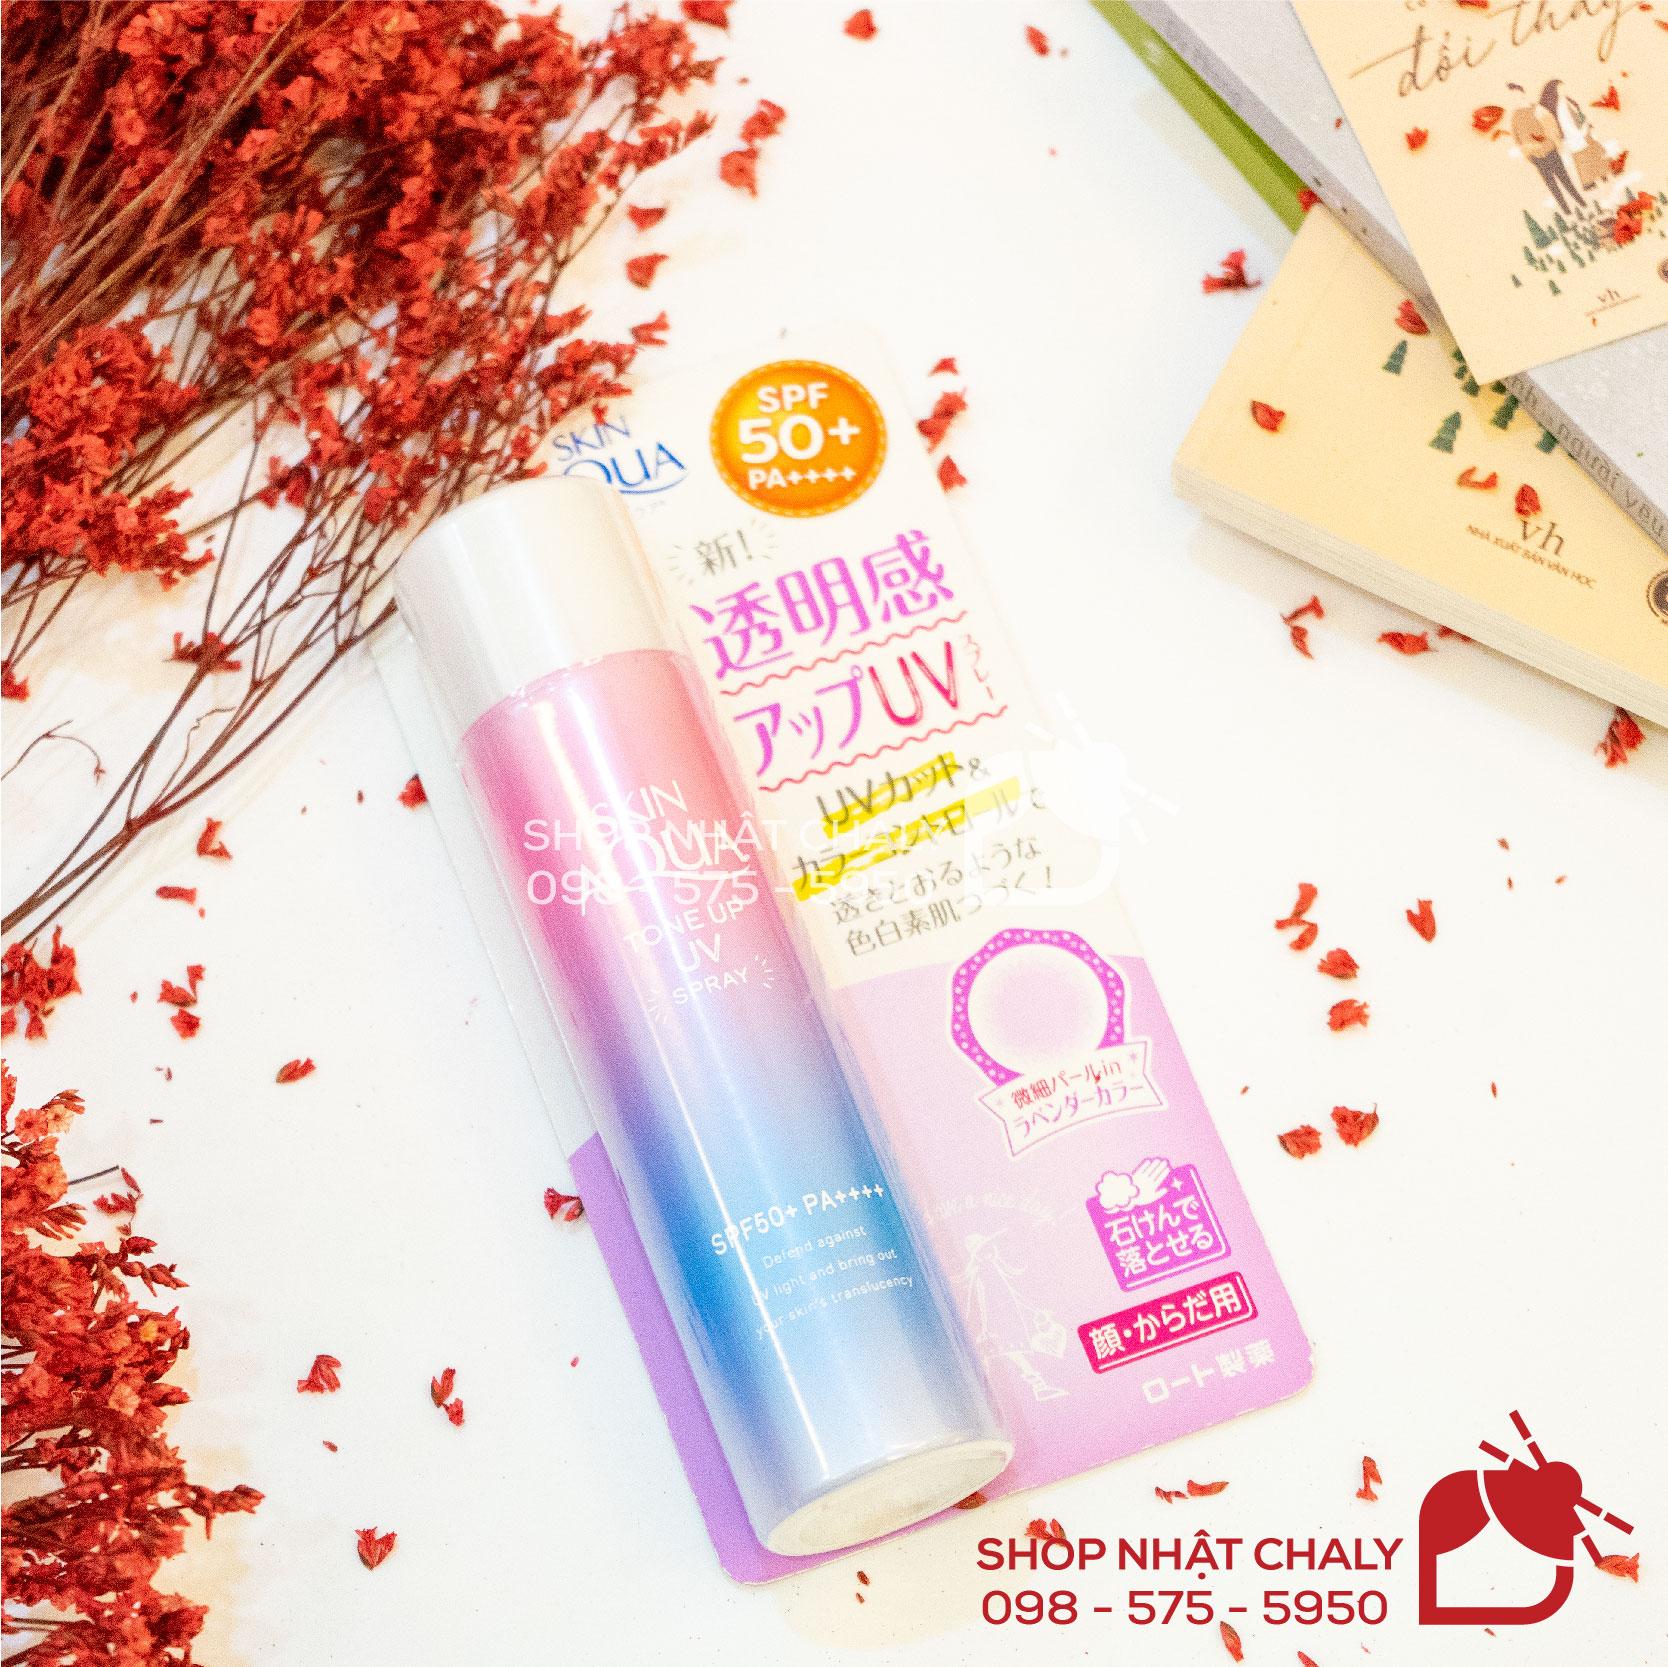 Kem chống nắng Skin Aqua tone up UV spray nội địa Nhật màu hồng dạng xịt là siêu phẩm số 1 Cosme không nên bỏ lỡ, đặc biệt với chị em da dầu mụn, nhờn, nhạy cảm